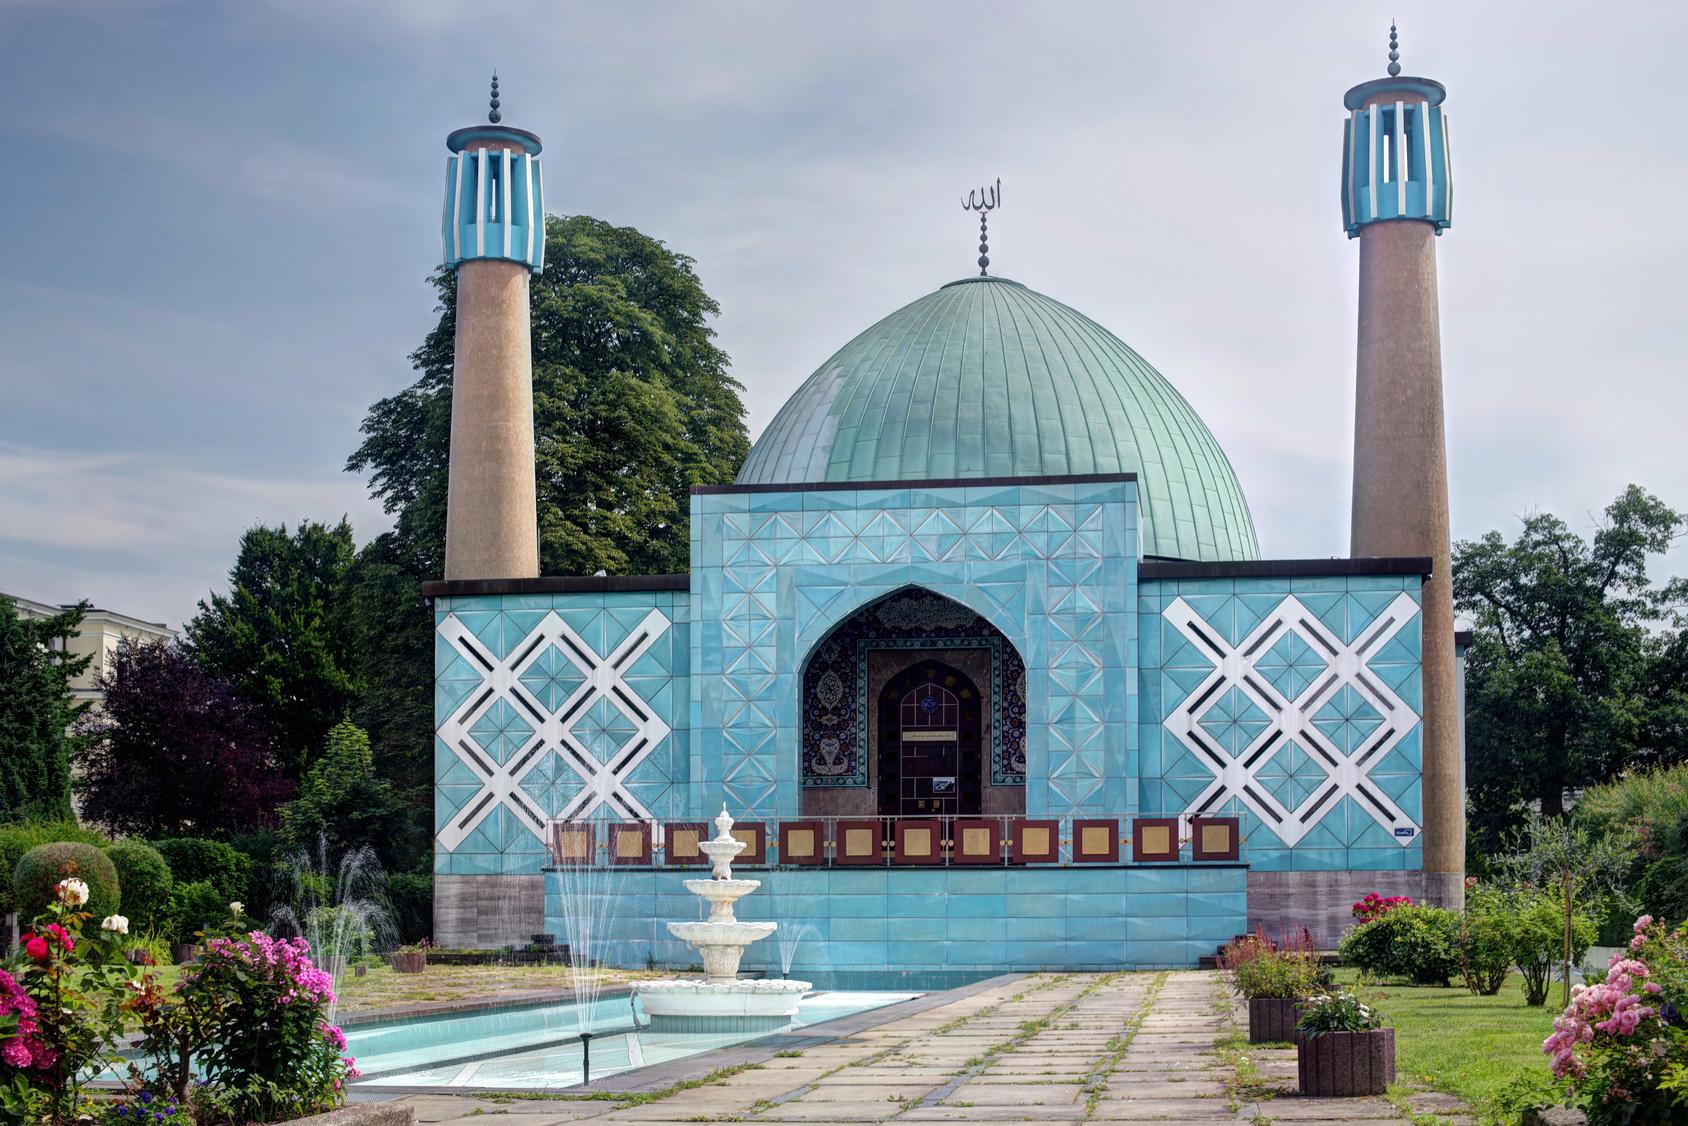 Eltern vor Gericht, weil Kind nicht in Moschee durfte